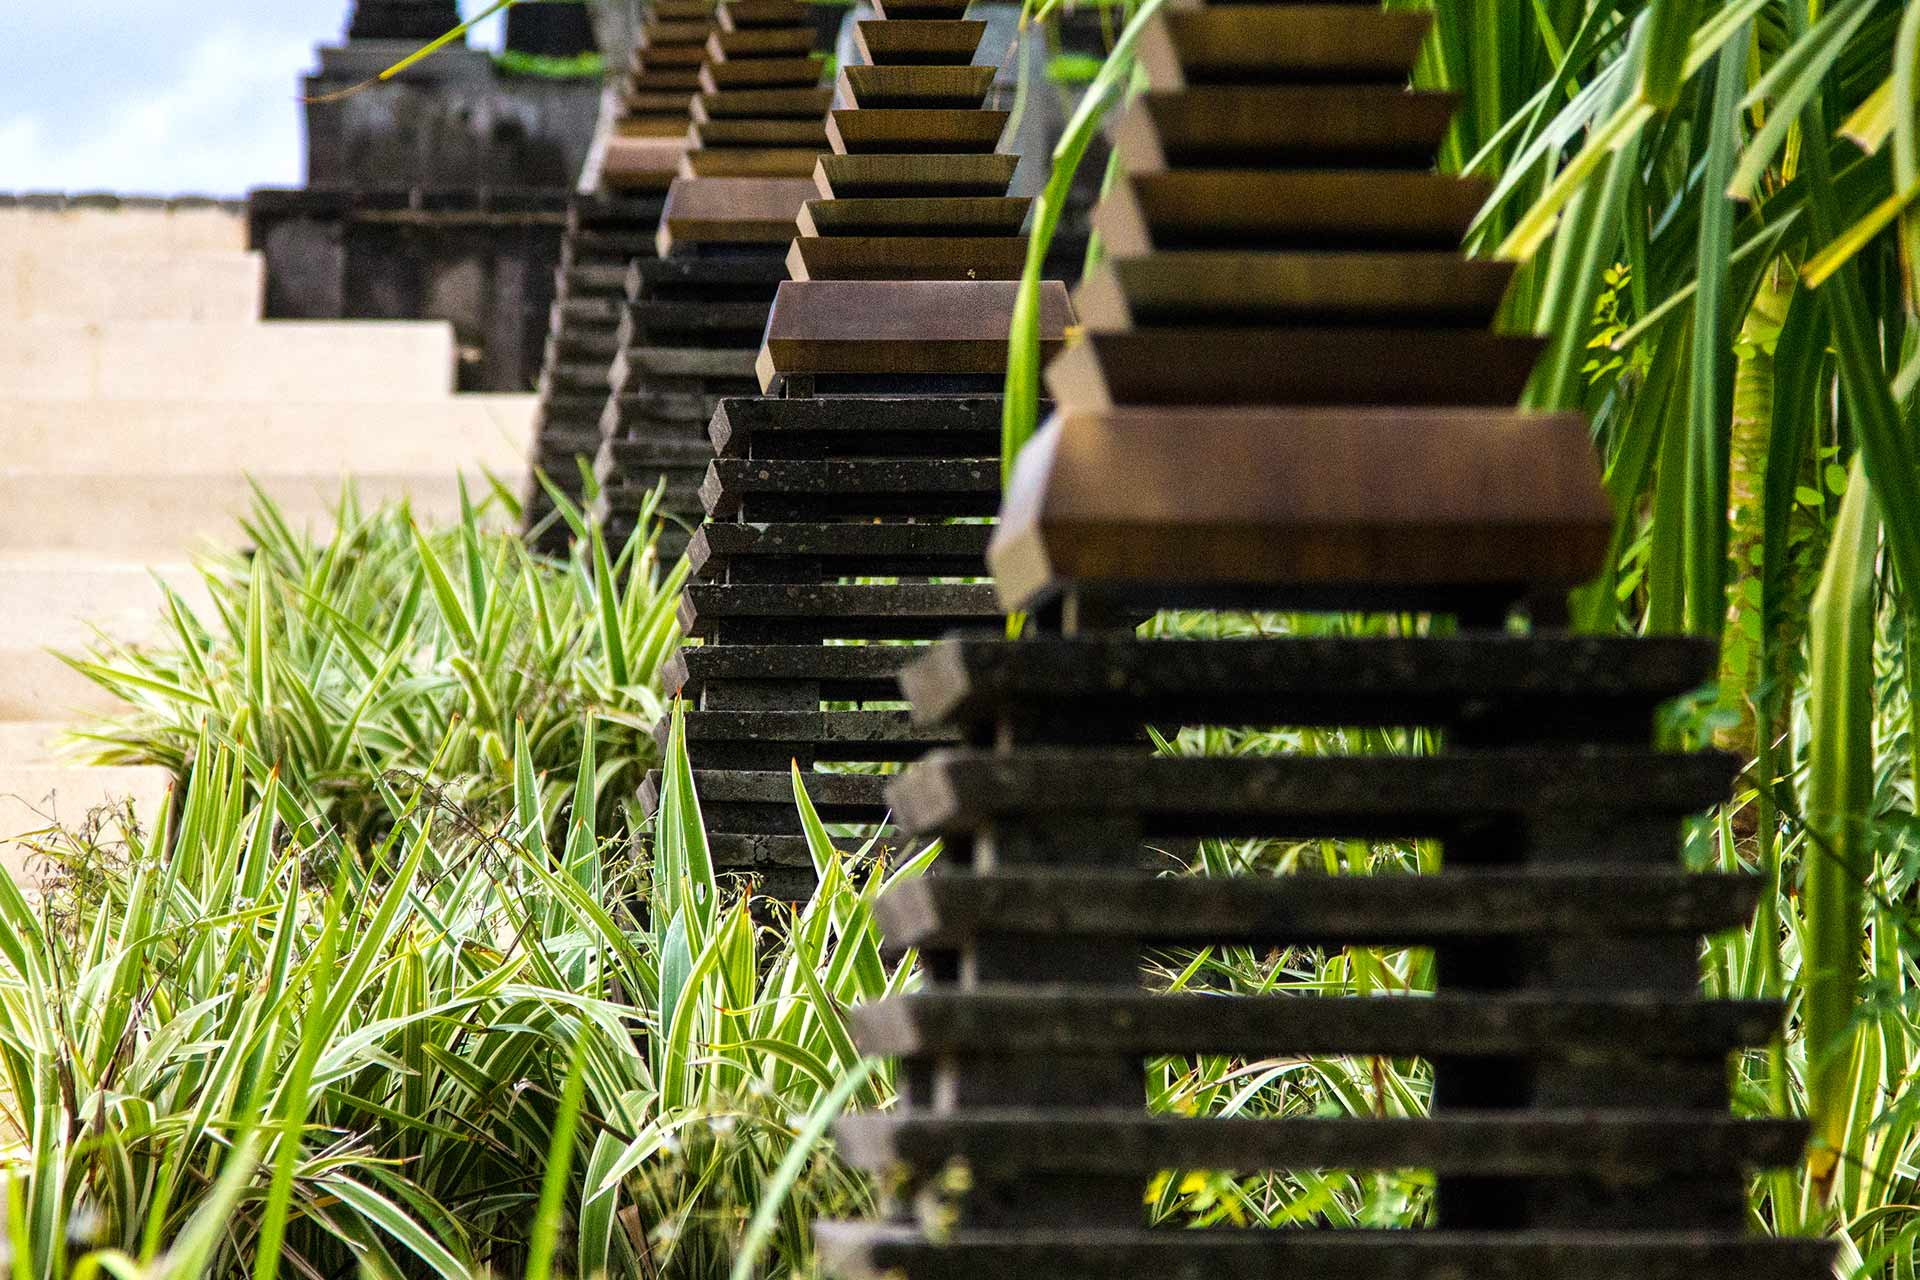 Bali symbols - Architecture